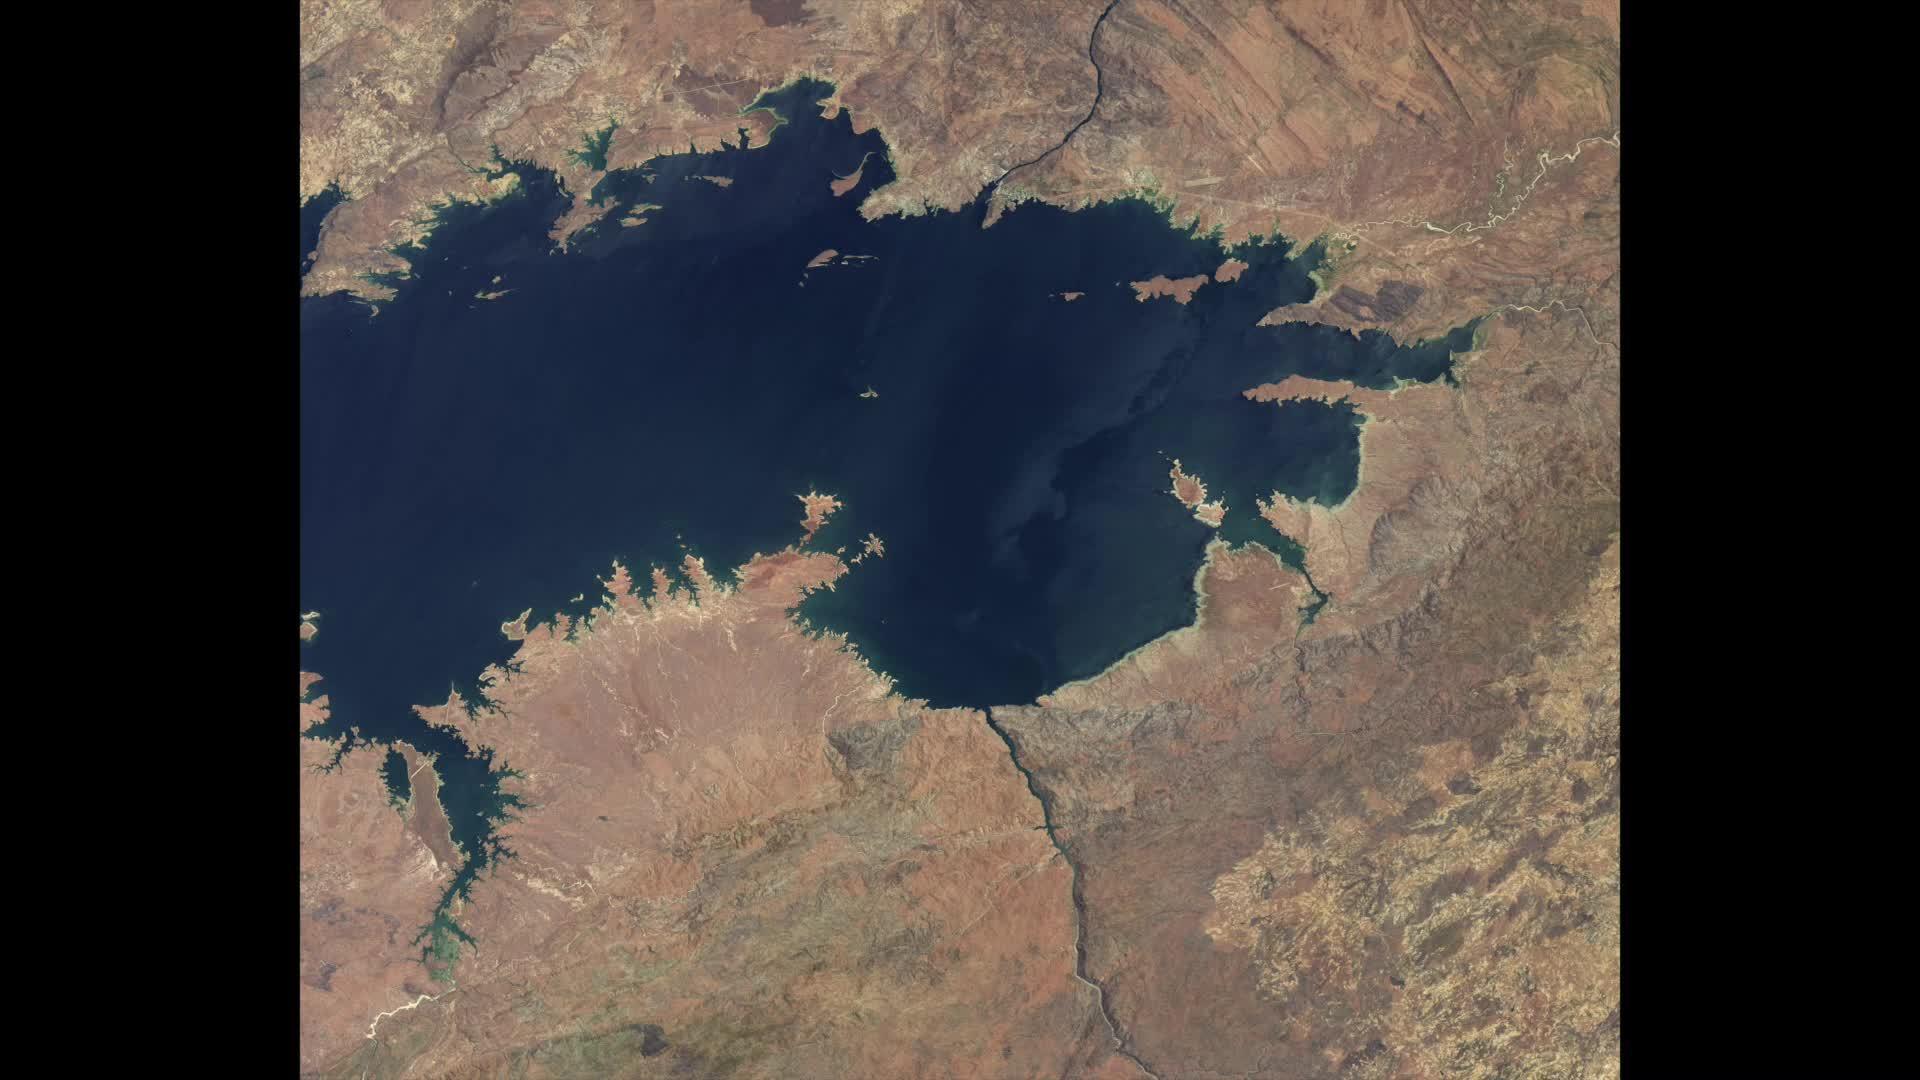 naturegifs, Africa's Lake Kariba is Vanishing GIFs